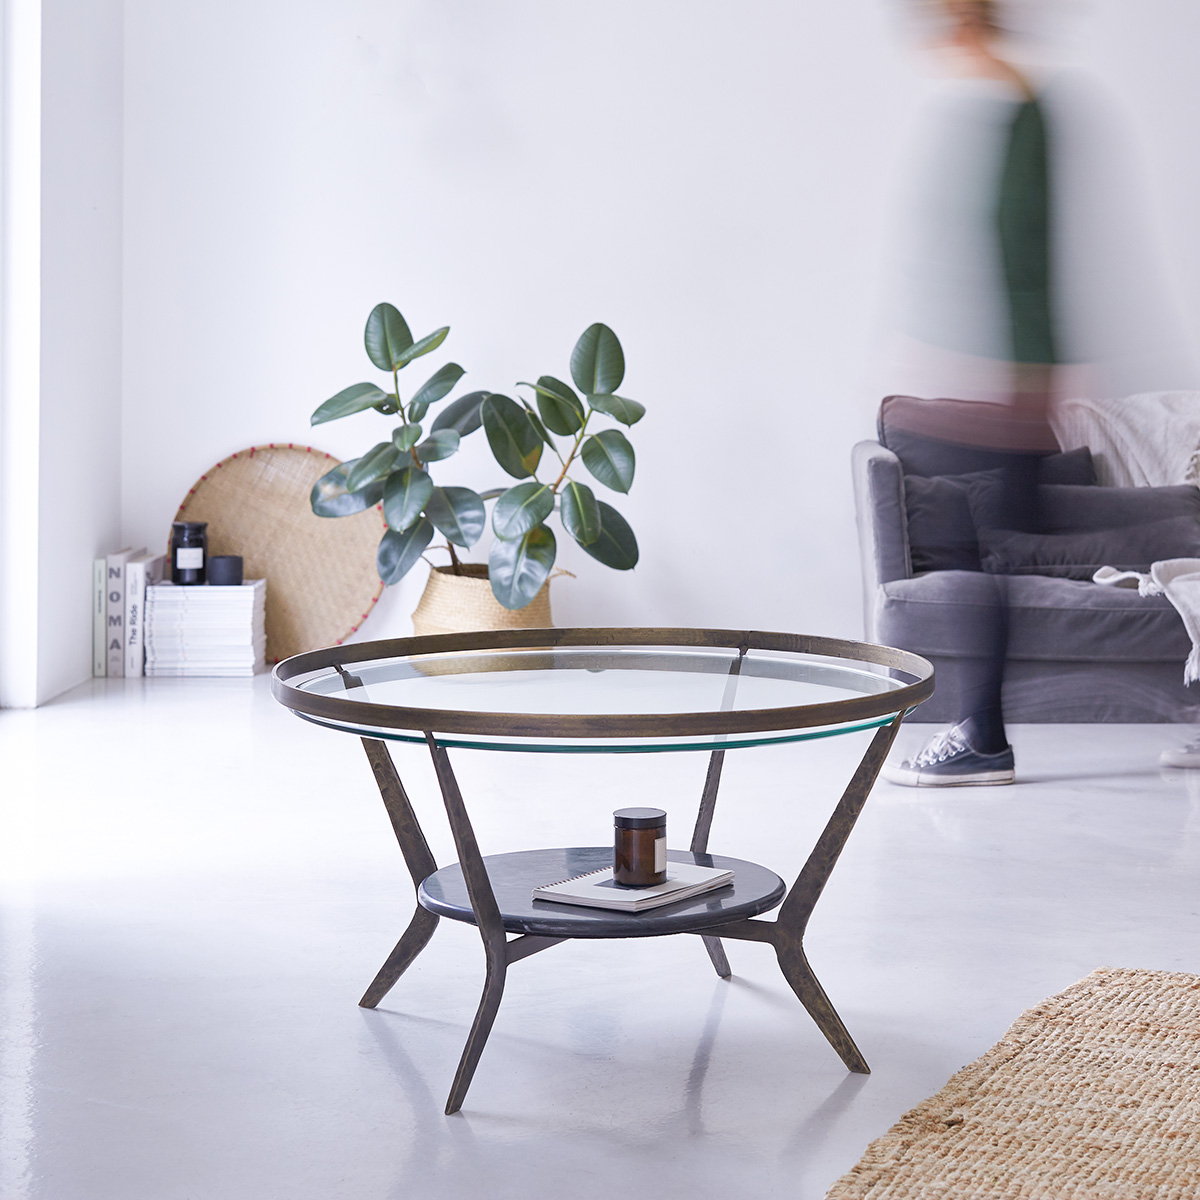 Table basse en marbre et métal 7 Ambre